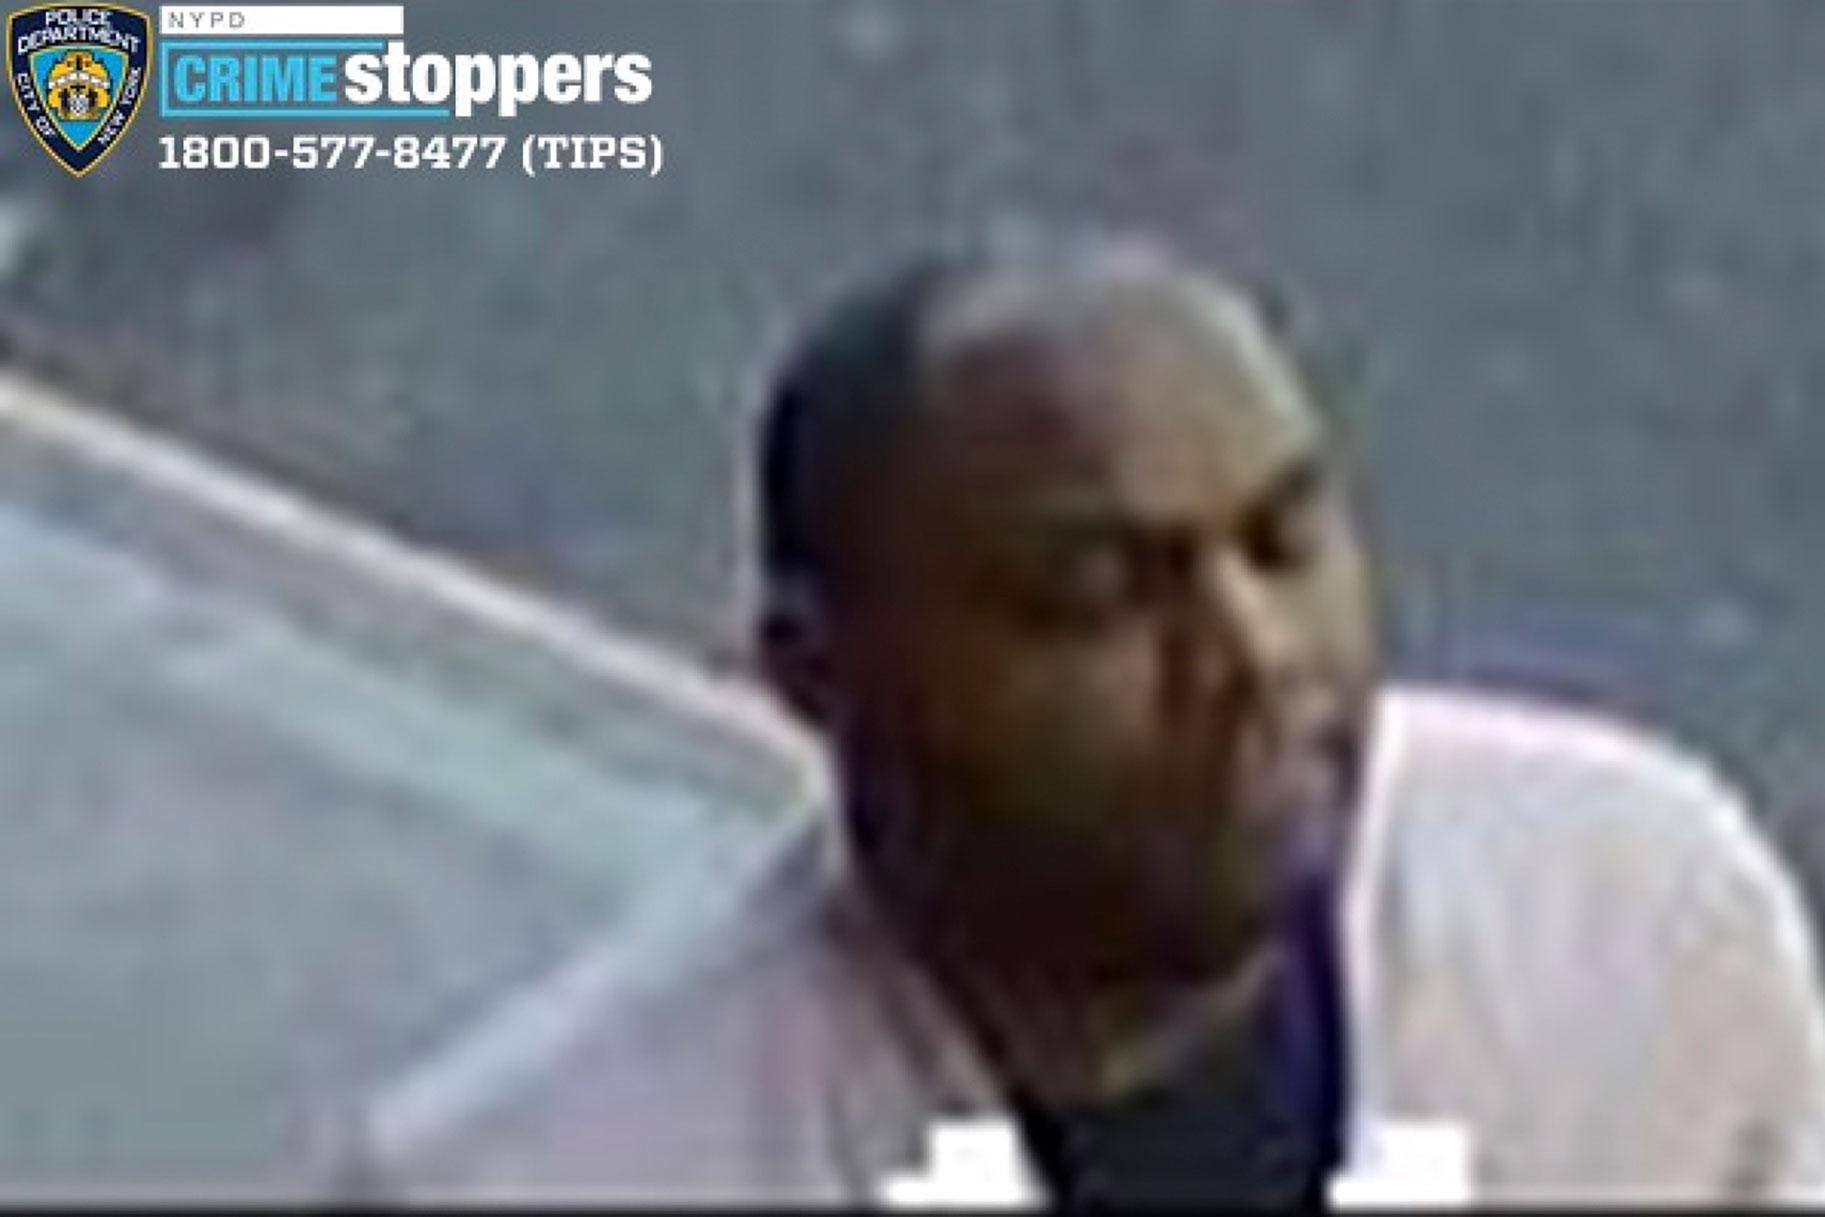 증오 범죄 혐의로 기소 된 아시아 여성에 대한 폭력적인 거리 공격으로 체포 된 뉴욕 남자